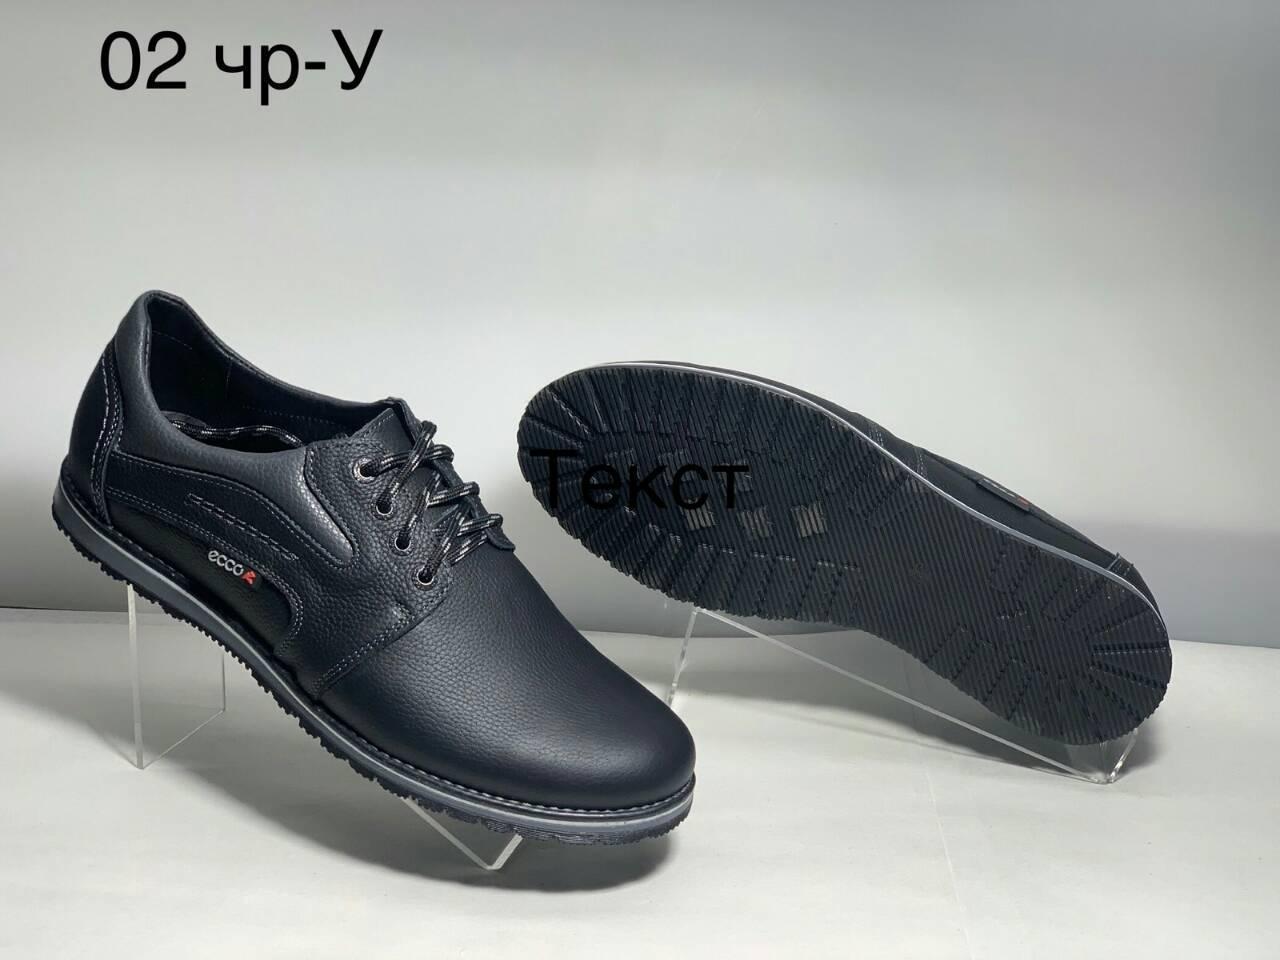 Мужские кожаные туфли Model -02  размеры 40, 41, 42, 43, 44, 45